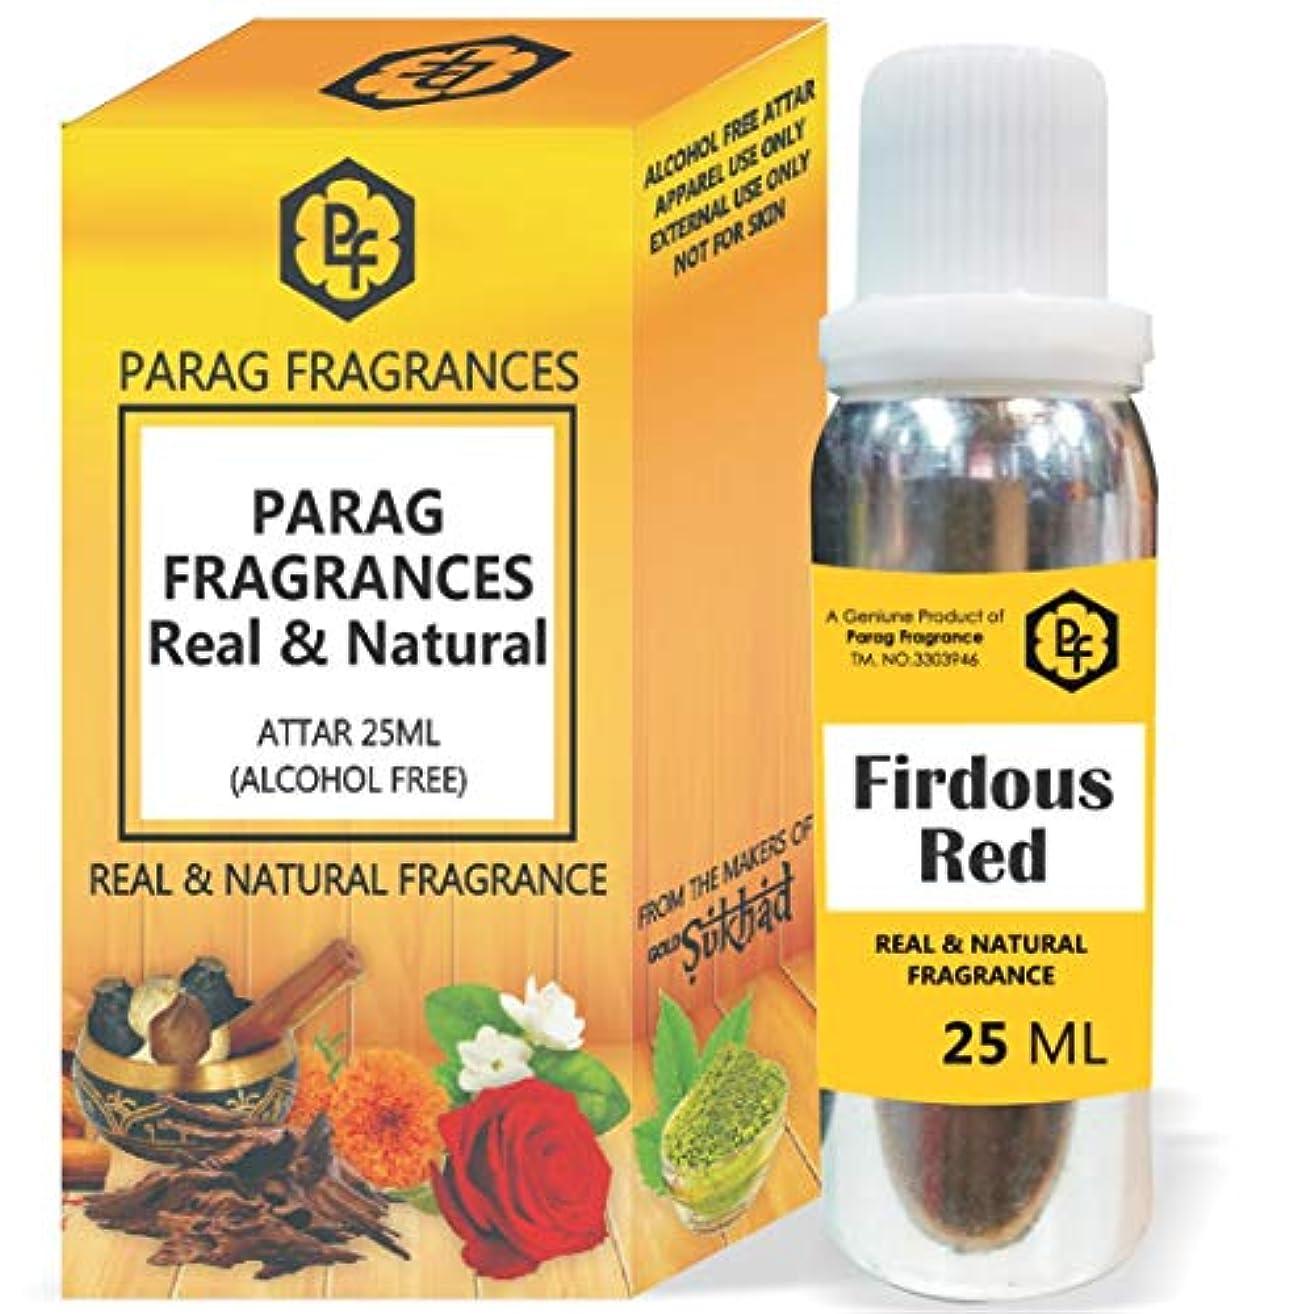 接触菊取り除く50/100/200/500パック内の他のエディションファンシー空き瓶(アルコールフリー、ロングラスティング、自然アター)でParagフレグランス25ミリリットルFirdousレッドアター